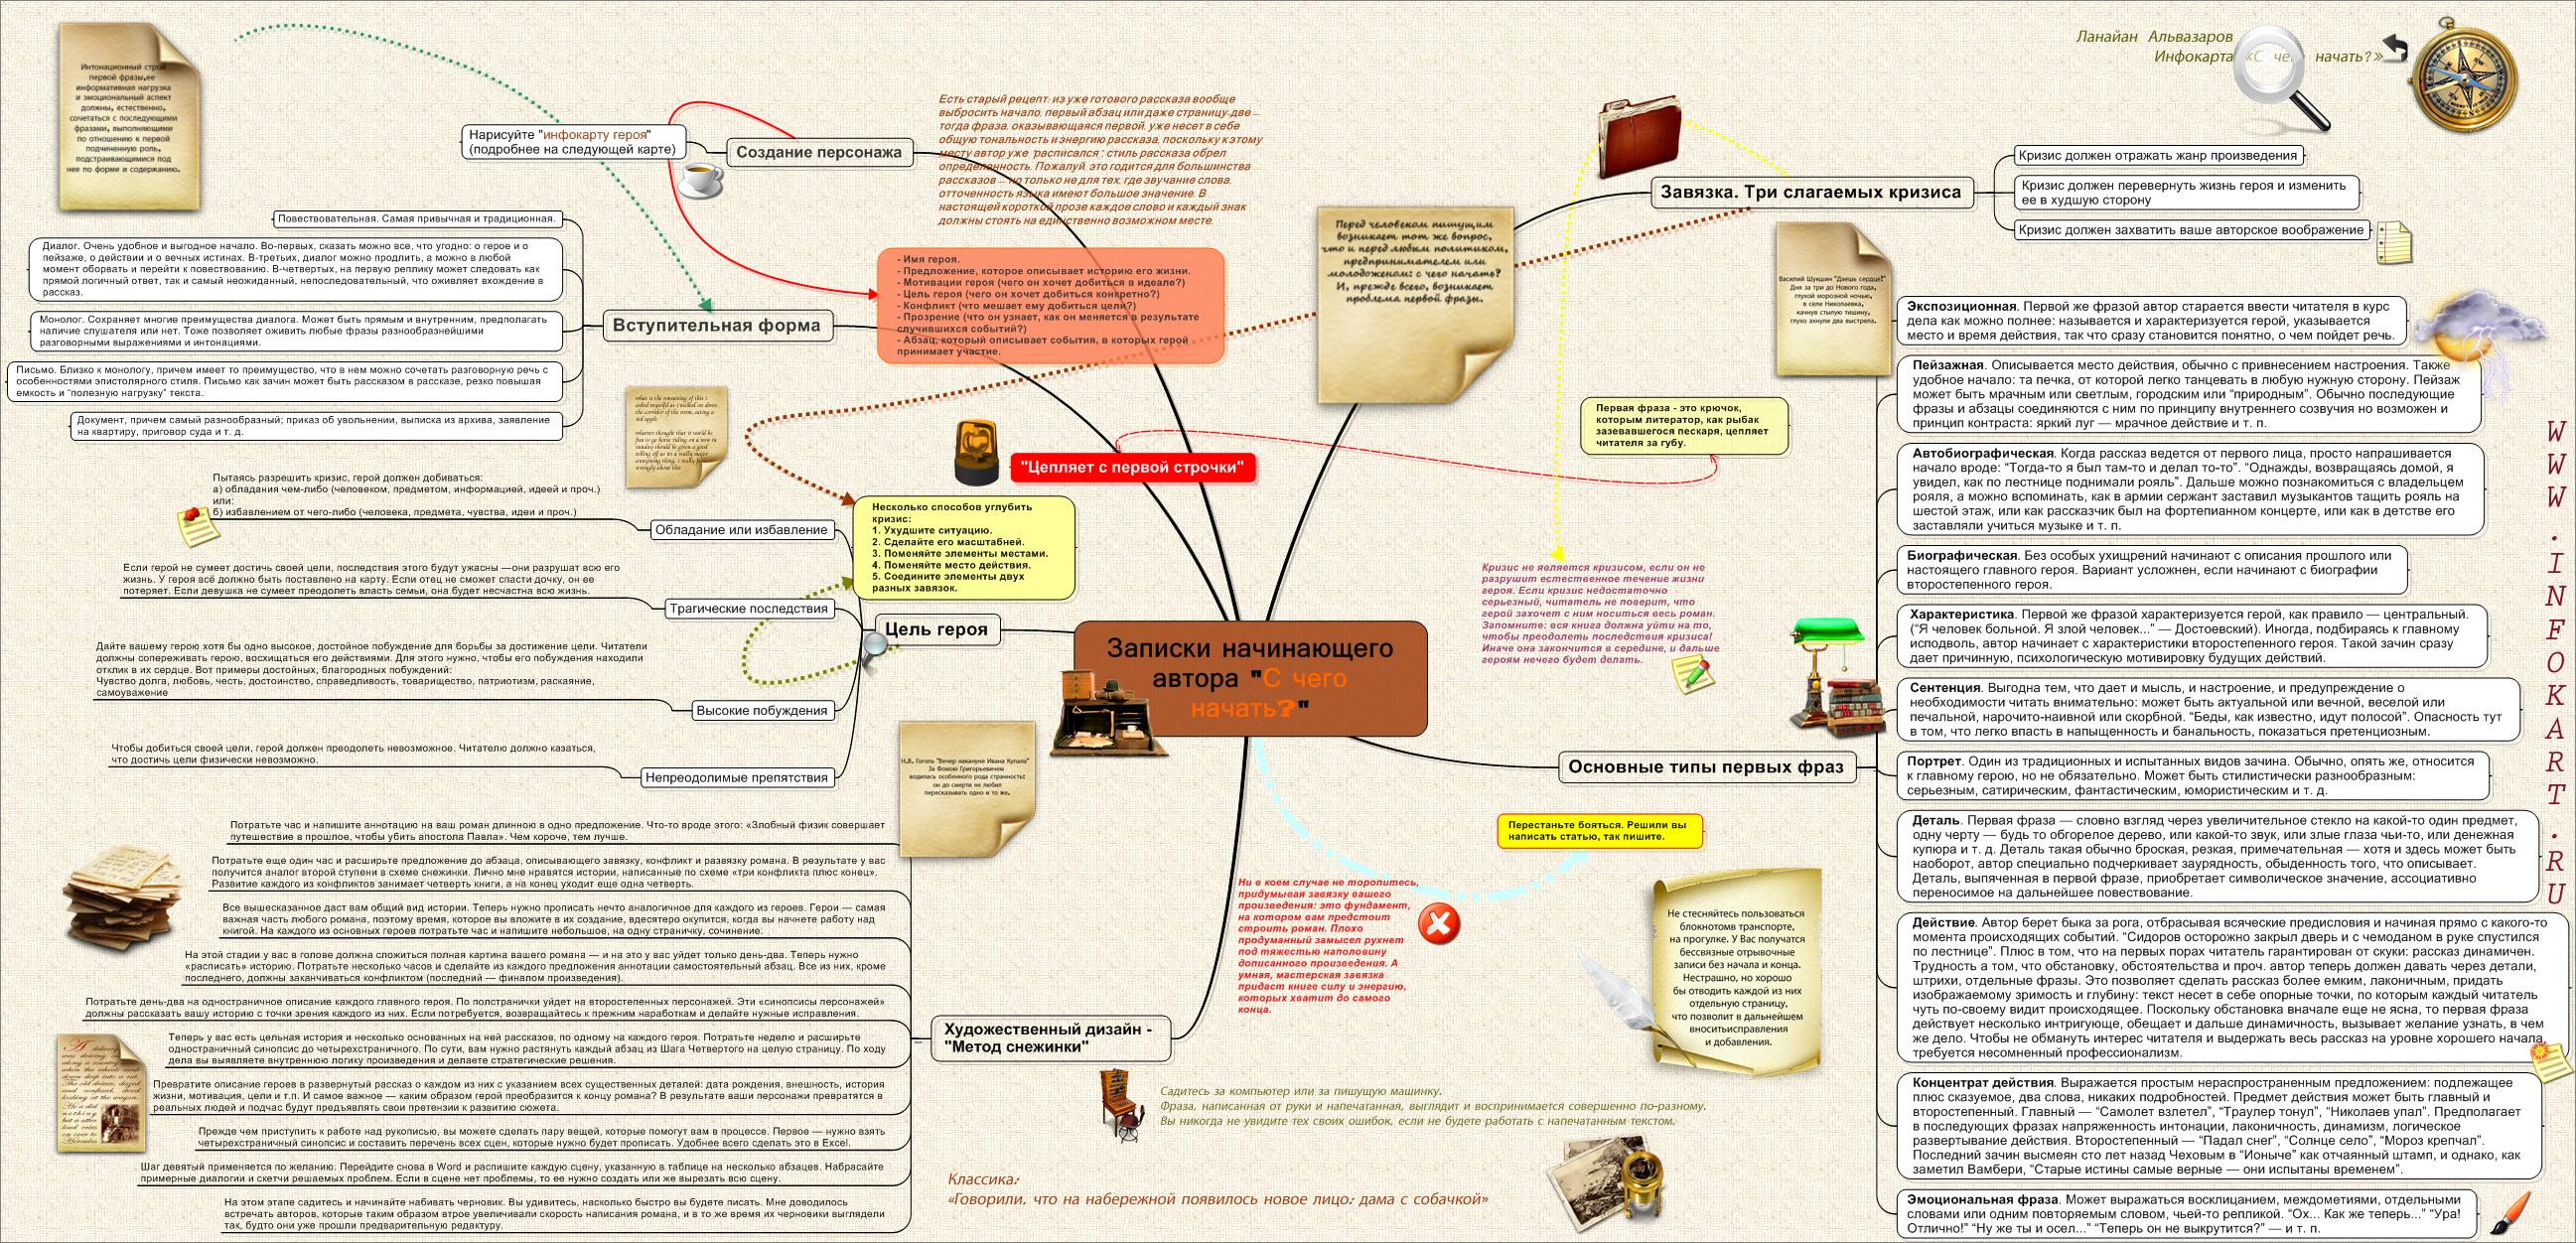 http://www.infokart.ru/wp-content/uploads/2009/05/litmap1.png